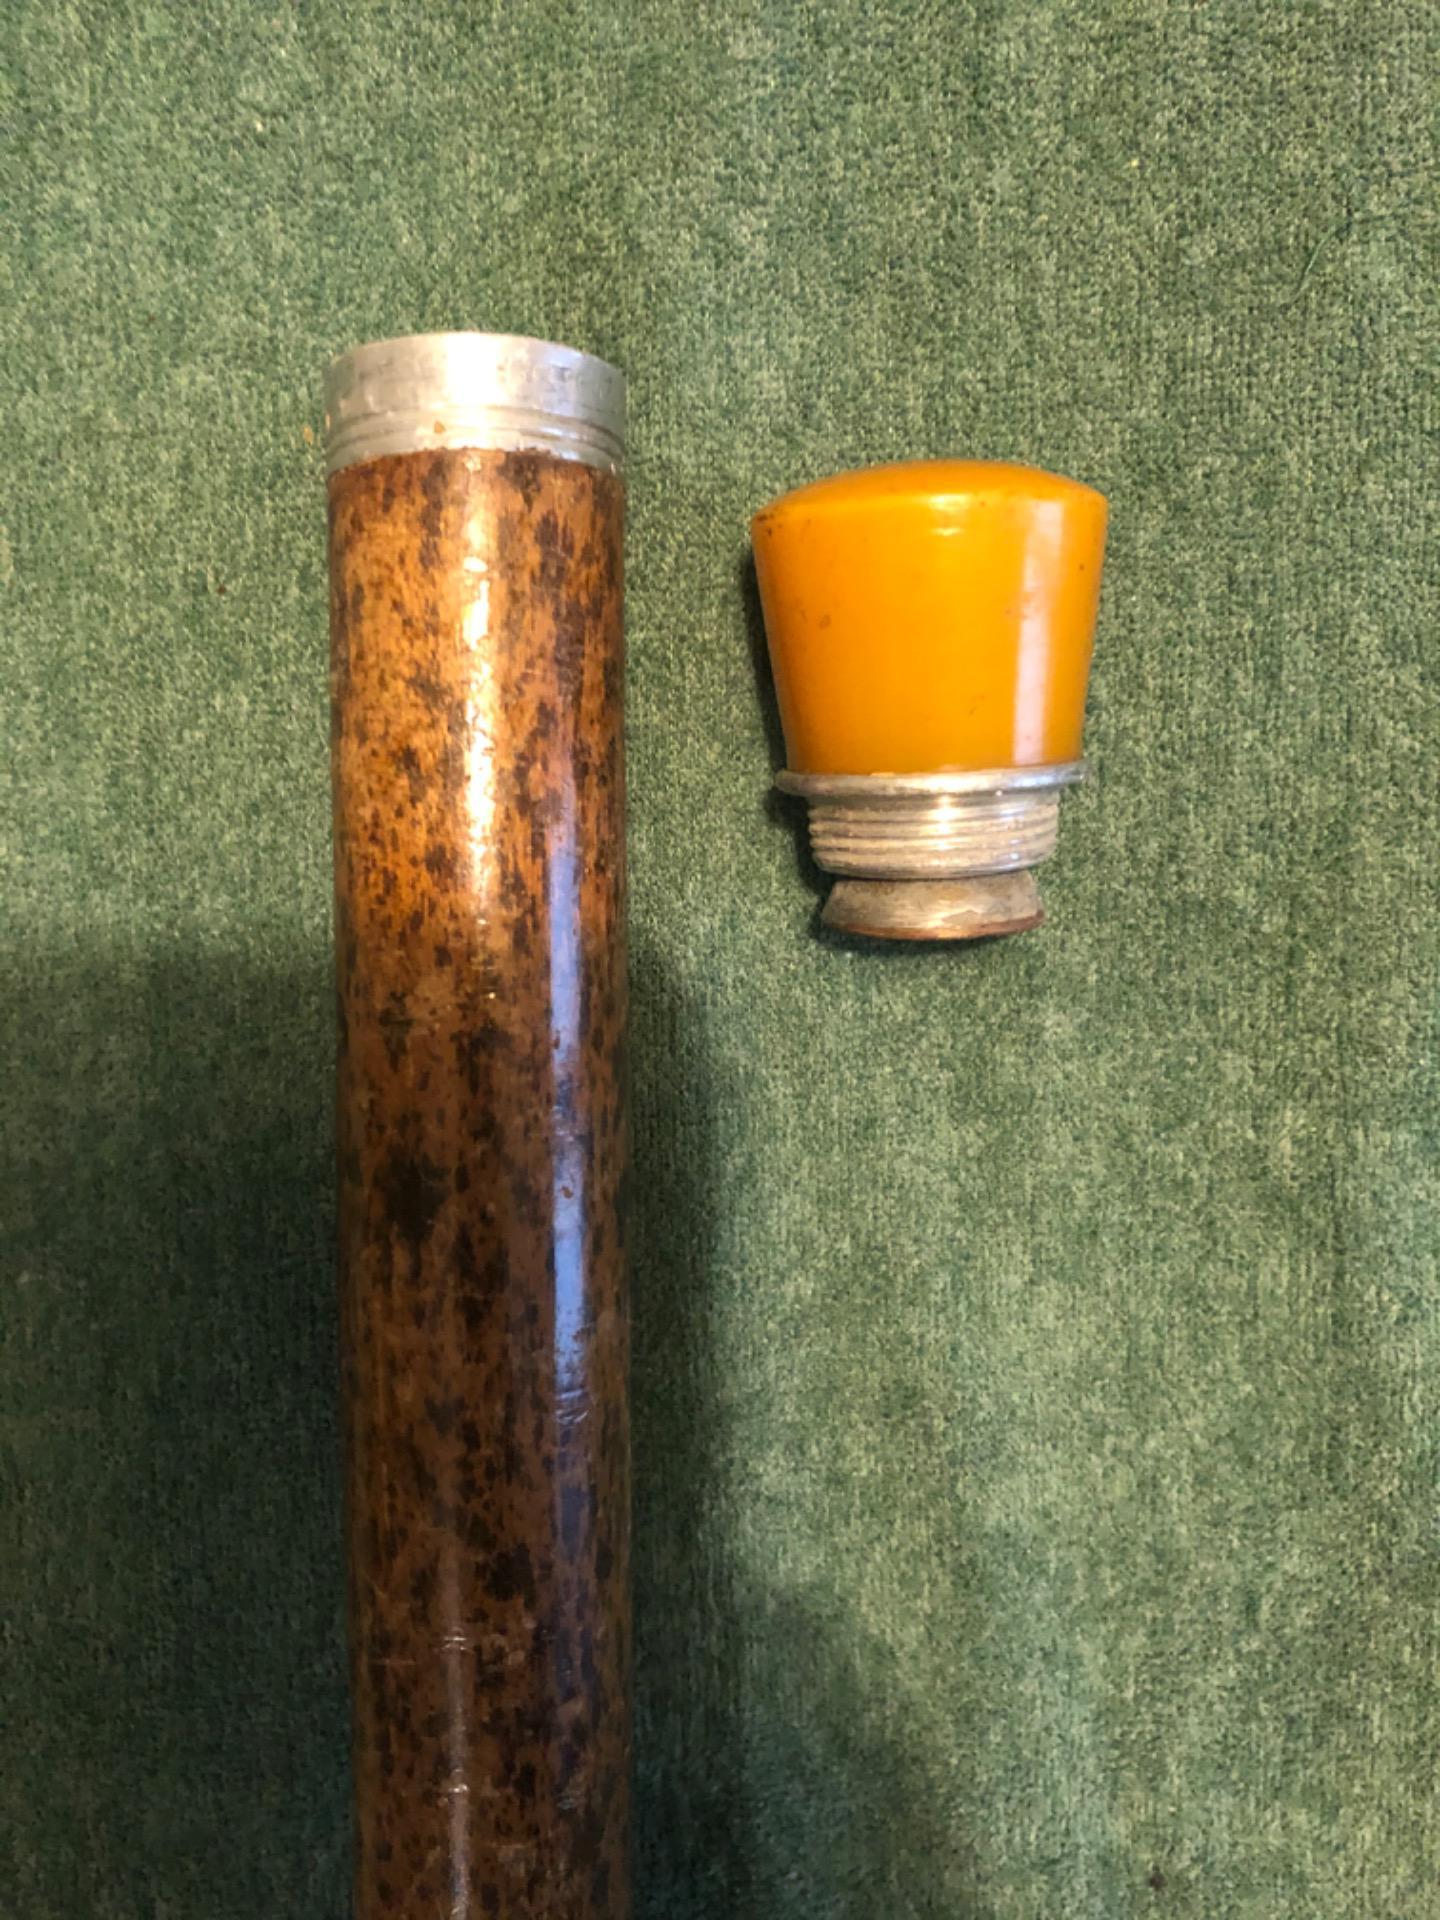 thumb4|Bastone 'pila' con pomolo in Bakelite che si illumina (tramite pila da inserire all'interno).